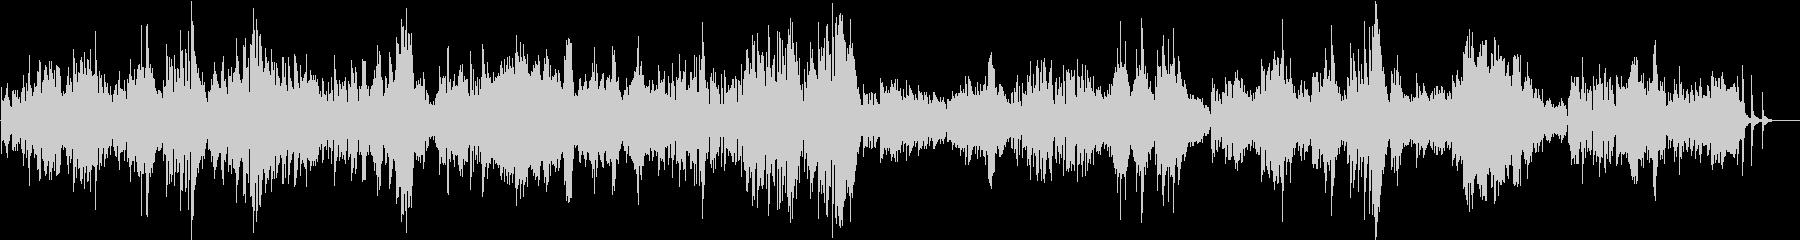 ドビュッシー ベルガマスク組曲 パスピエの未再生の波形